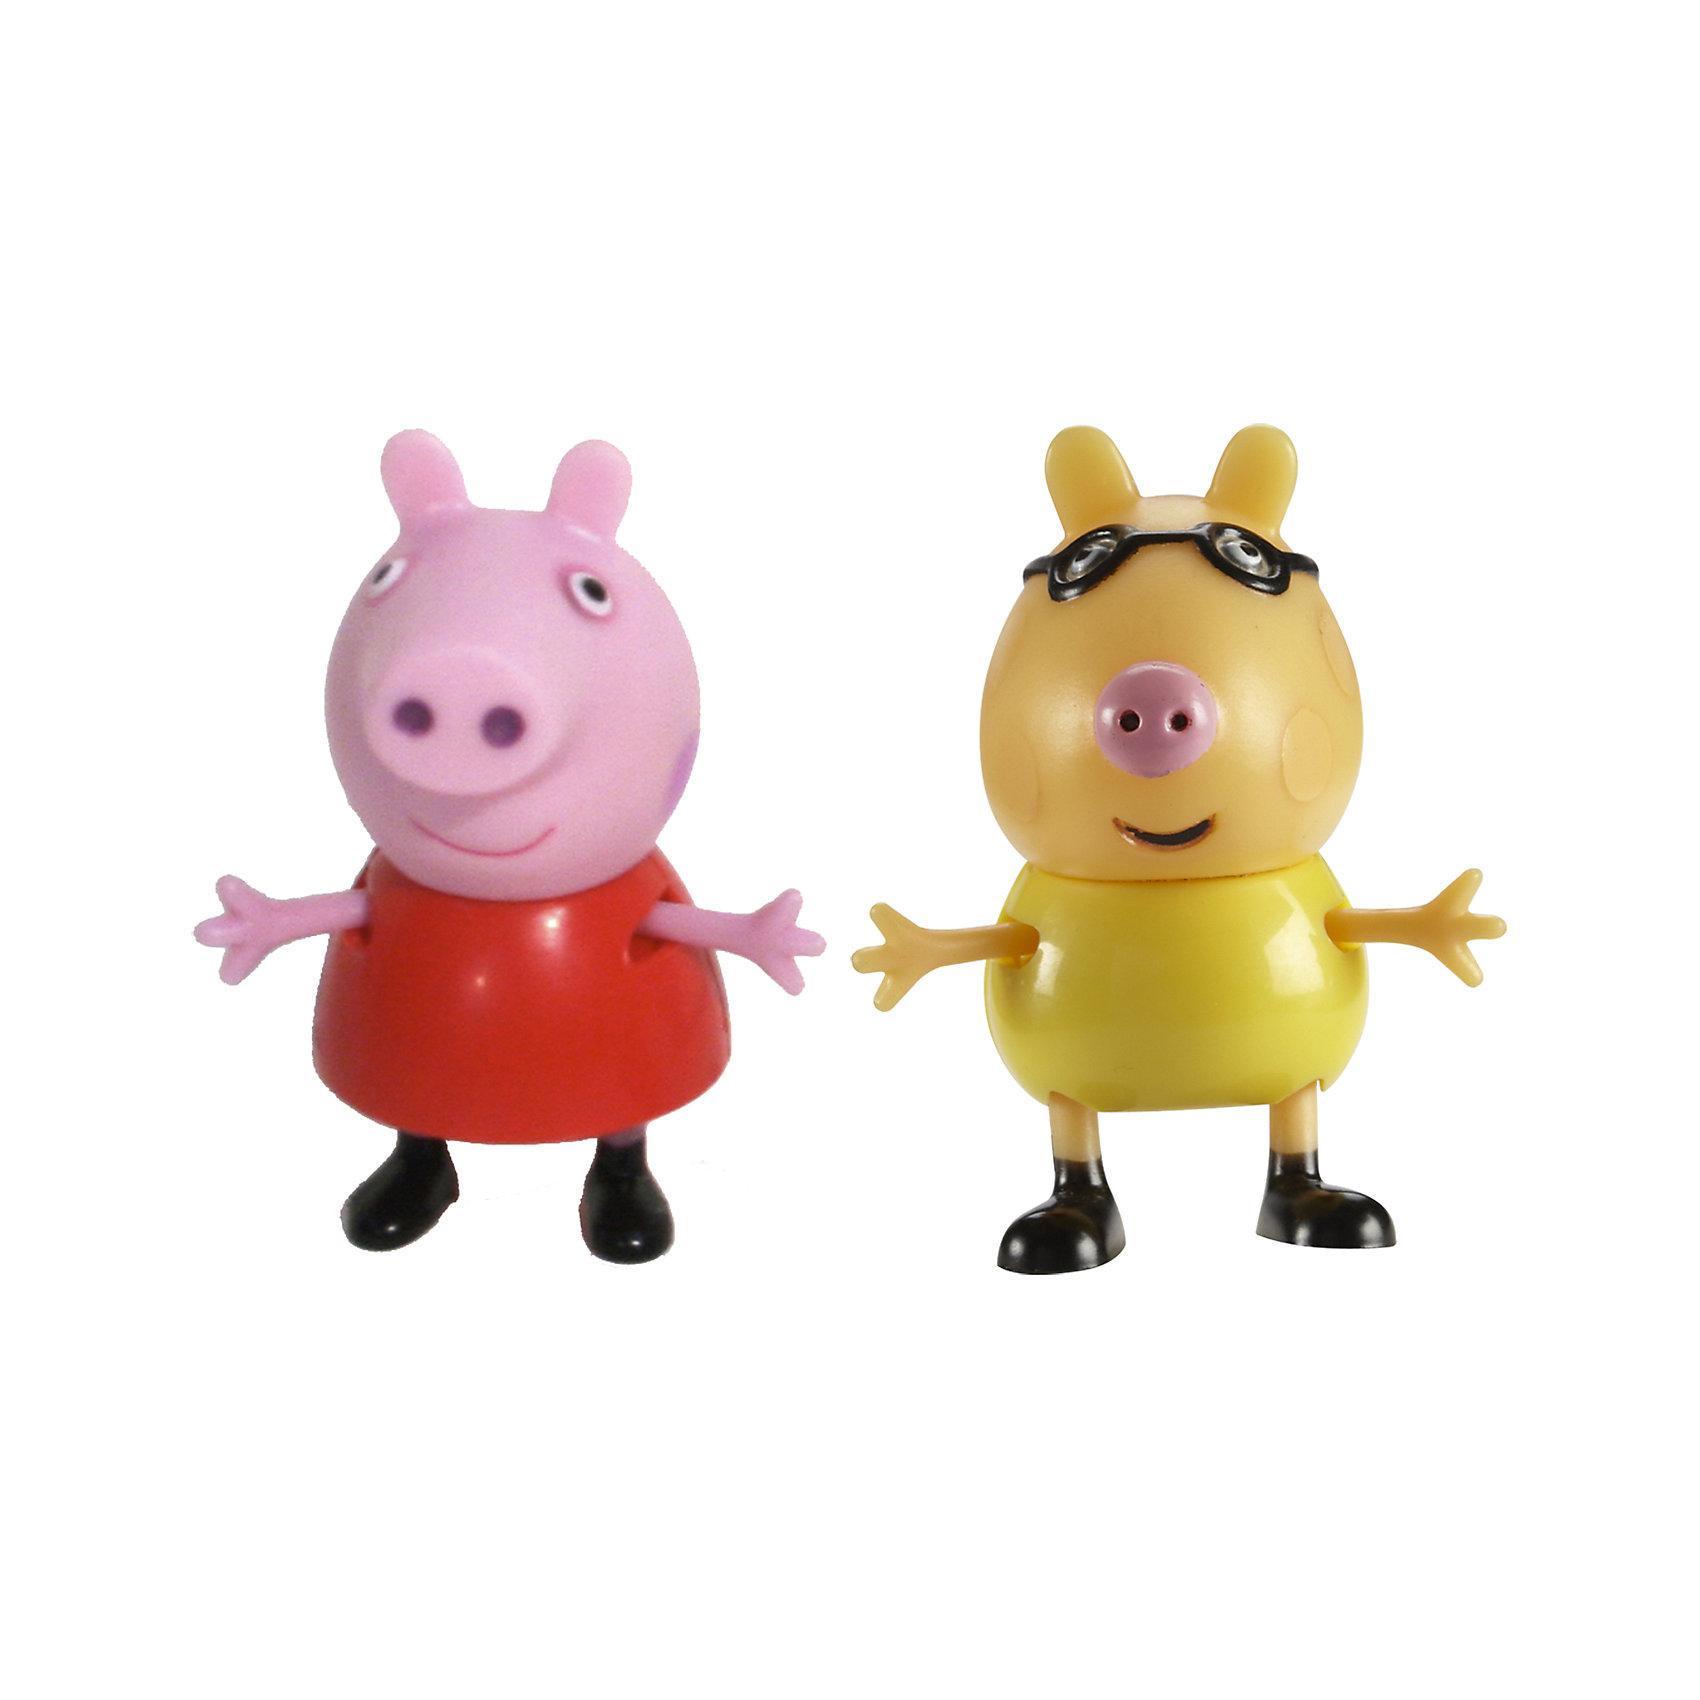 Игровой набор Пеппа и Педро, Свинка ПеппаДобро пожаловать в мир Свинки Пеппы! С забавными игрушками из серии «Peppa Pig» веселые мультфильмы оживут прямо у вас дома, а малыши станут участниками увлекательных приключений Пеппы и ее друзей. В наборе Пеппа и Педро 2 фигурки, которые могут сидеть, стоять, двигать ручками и ножками. Игрушки выполнены из высококачественных экологичных материалов безопасных для детей. Собери всех героев известного мультсериала, проигрывай любимые сцены или придумывай свои новые истории! <br><br>Дополнительная информация:<br><br>- Материал: пластик.<br>- Руки, ноги фигурок подвижные. <br>- Размер фигурок: 5 см.<br><br>Игровой набор Пеппа и Педро Свинка Пеппа, можно купить в нашем магазине.<br><br>Ширина мм: 140<br>Глубина мм: 50<br>Высота мм: 155<br>Вес г: 85<br>Возраст от месяцев: 36<br>Возраст до месяцев: 72<br>Пол: Унисекс<br>Возраст: Детский<br>SKU: 4261815